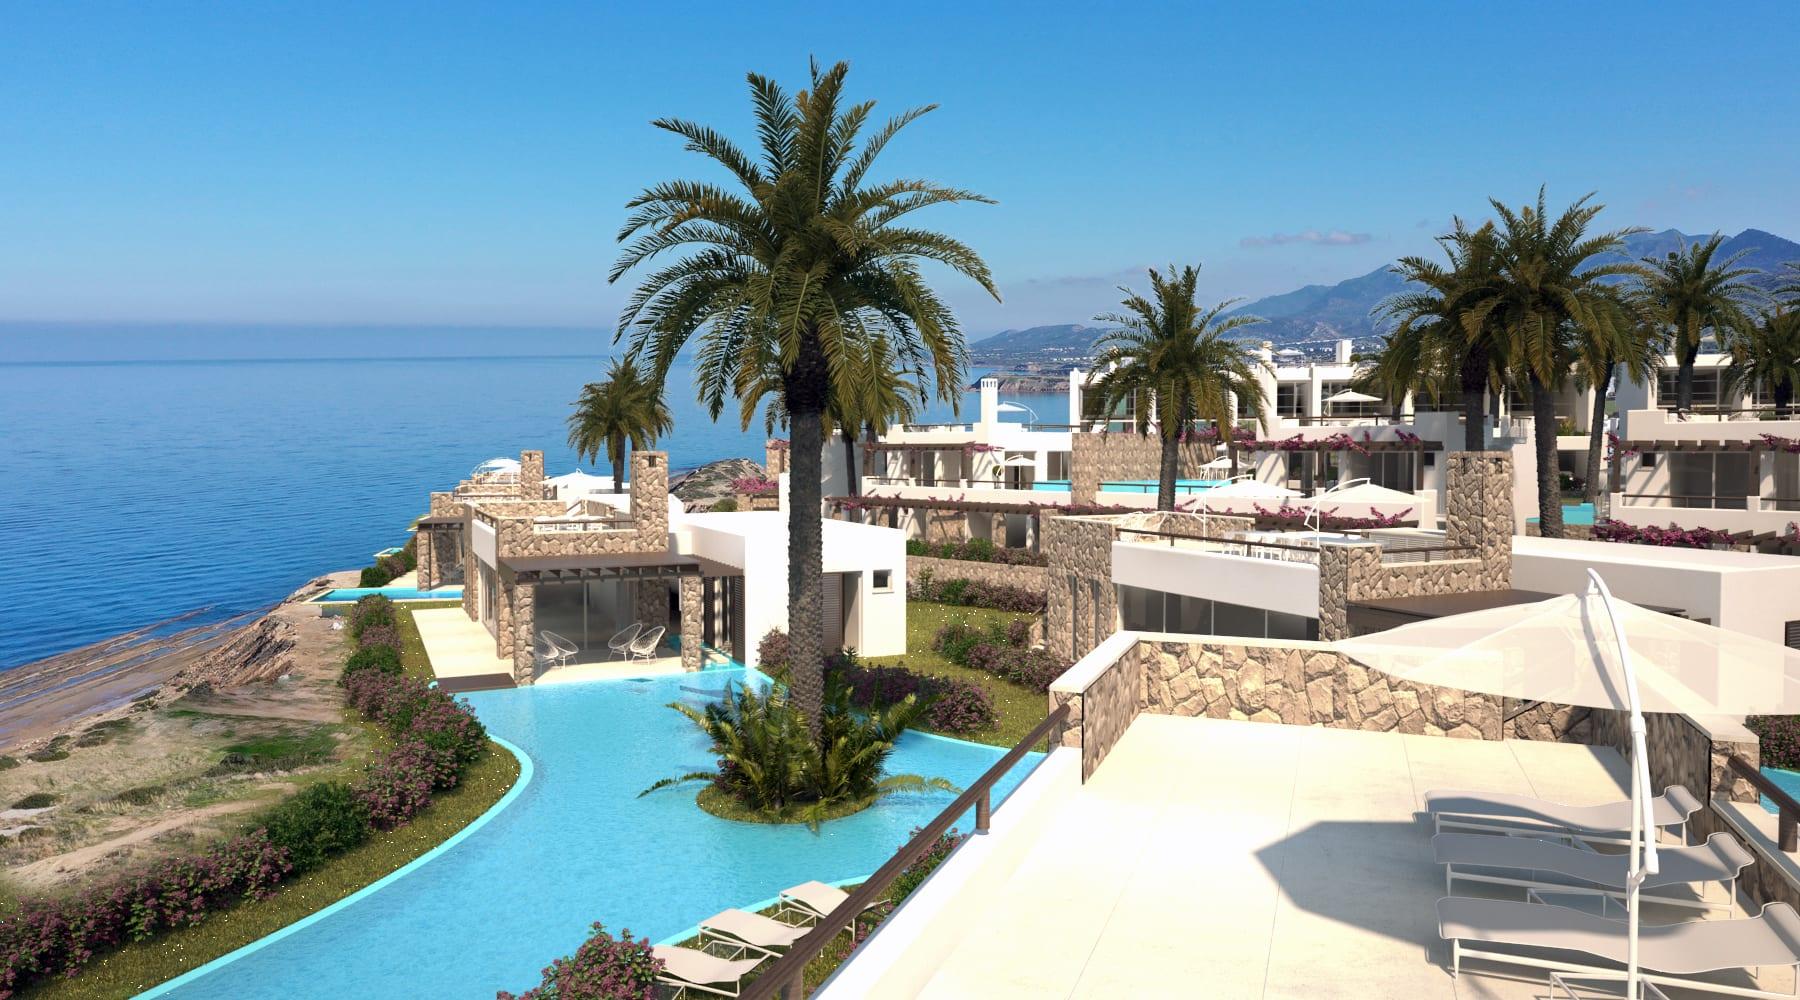 Esentepe'de Marina Üzerinde Satılık 3+1 ve Özel Havuzlu Villalar 8430